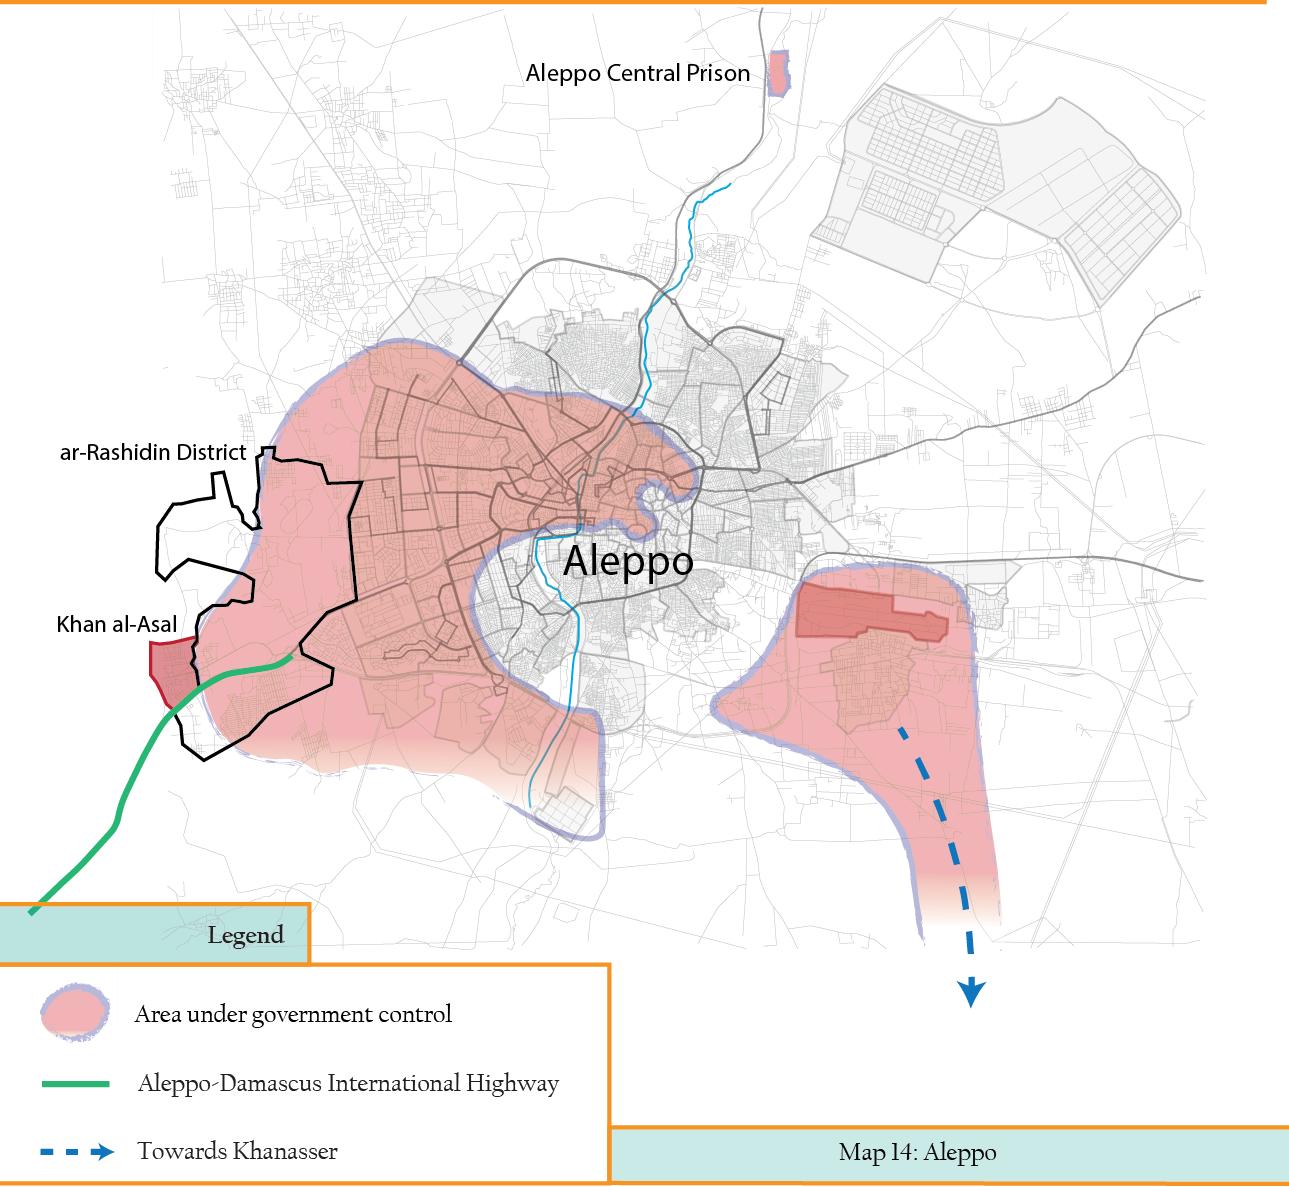 Al-Rashidin + Khan al-Assal - Aleppo siege